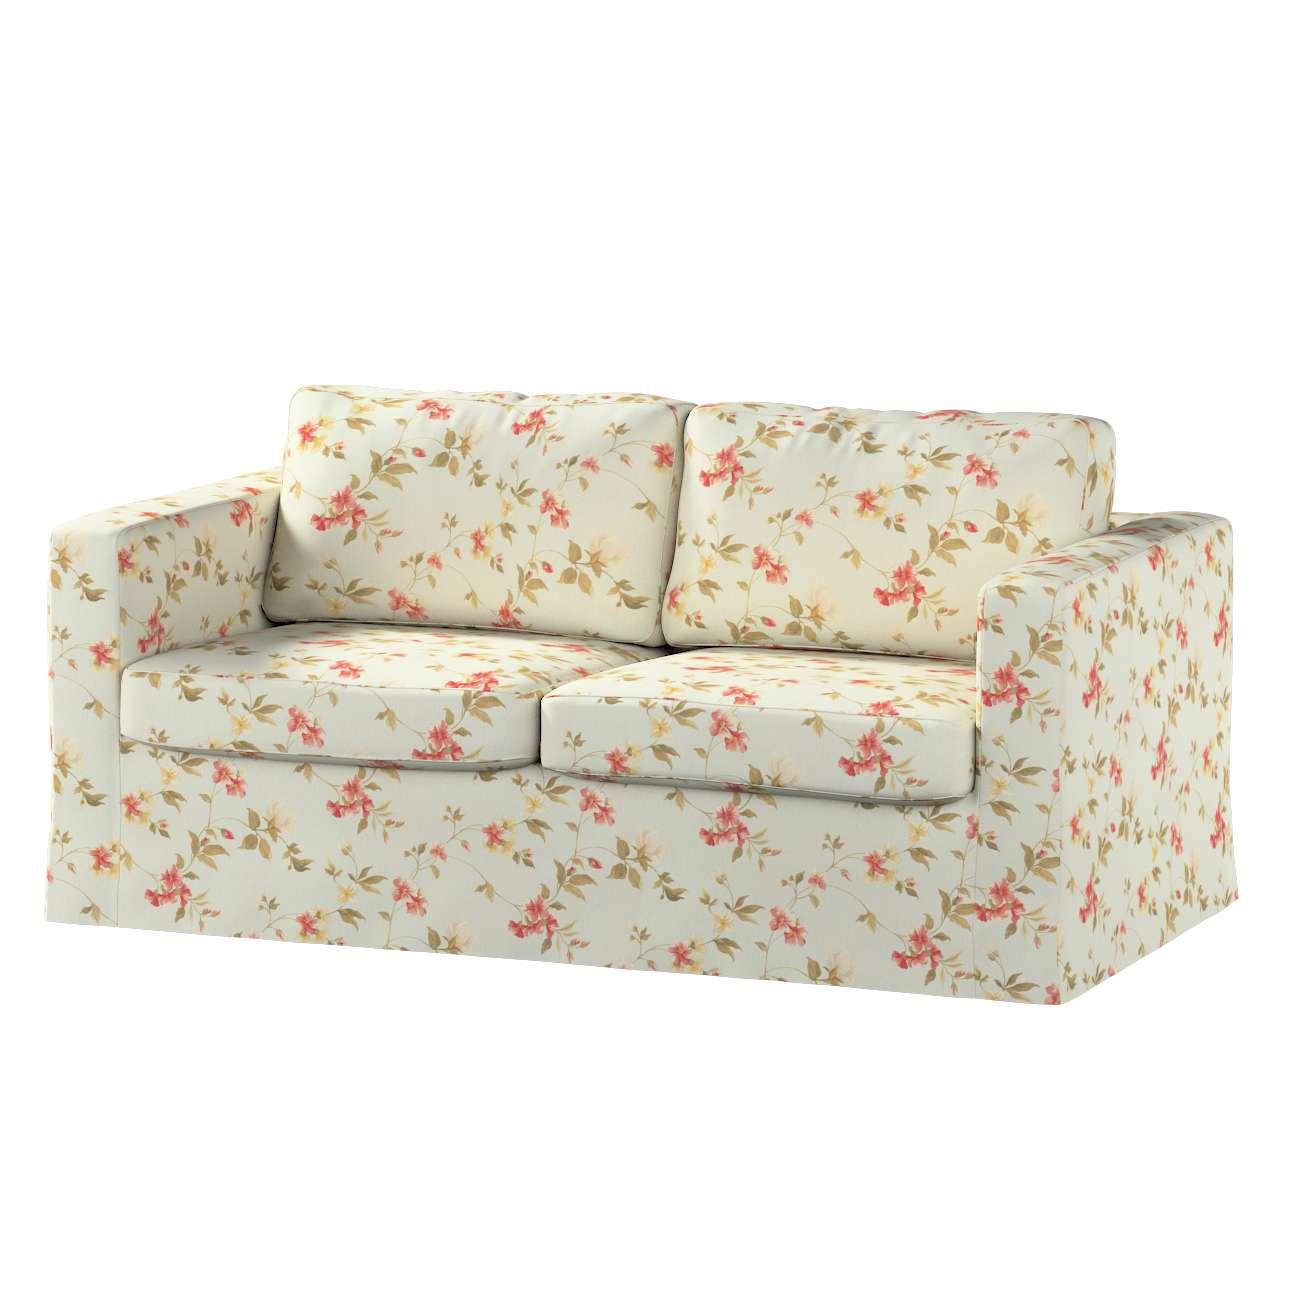 Pokrowiec na sofę Karlstad 2-osobową nierozkładaną długi Sofa Karlstad 2-osobowa w kolekcji Londres, tkanina: 124-65